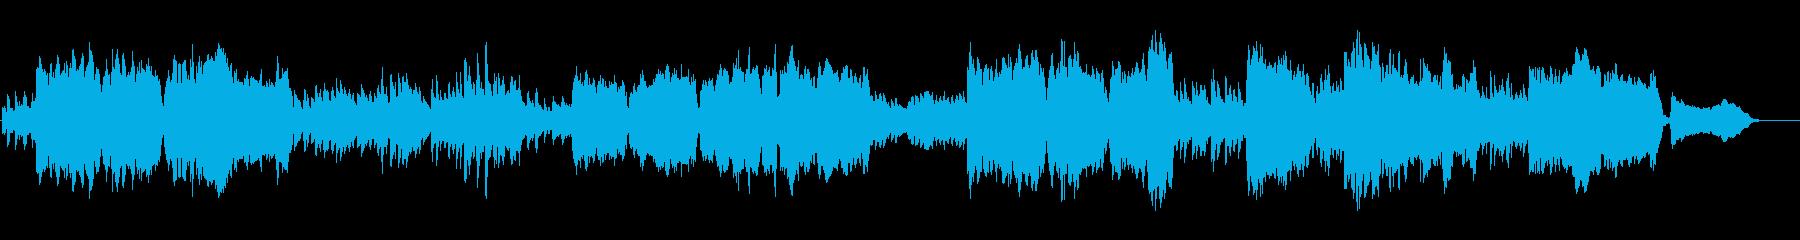 【生演奏】愛の挨拶/ E. エルガーの再生済みの波形